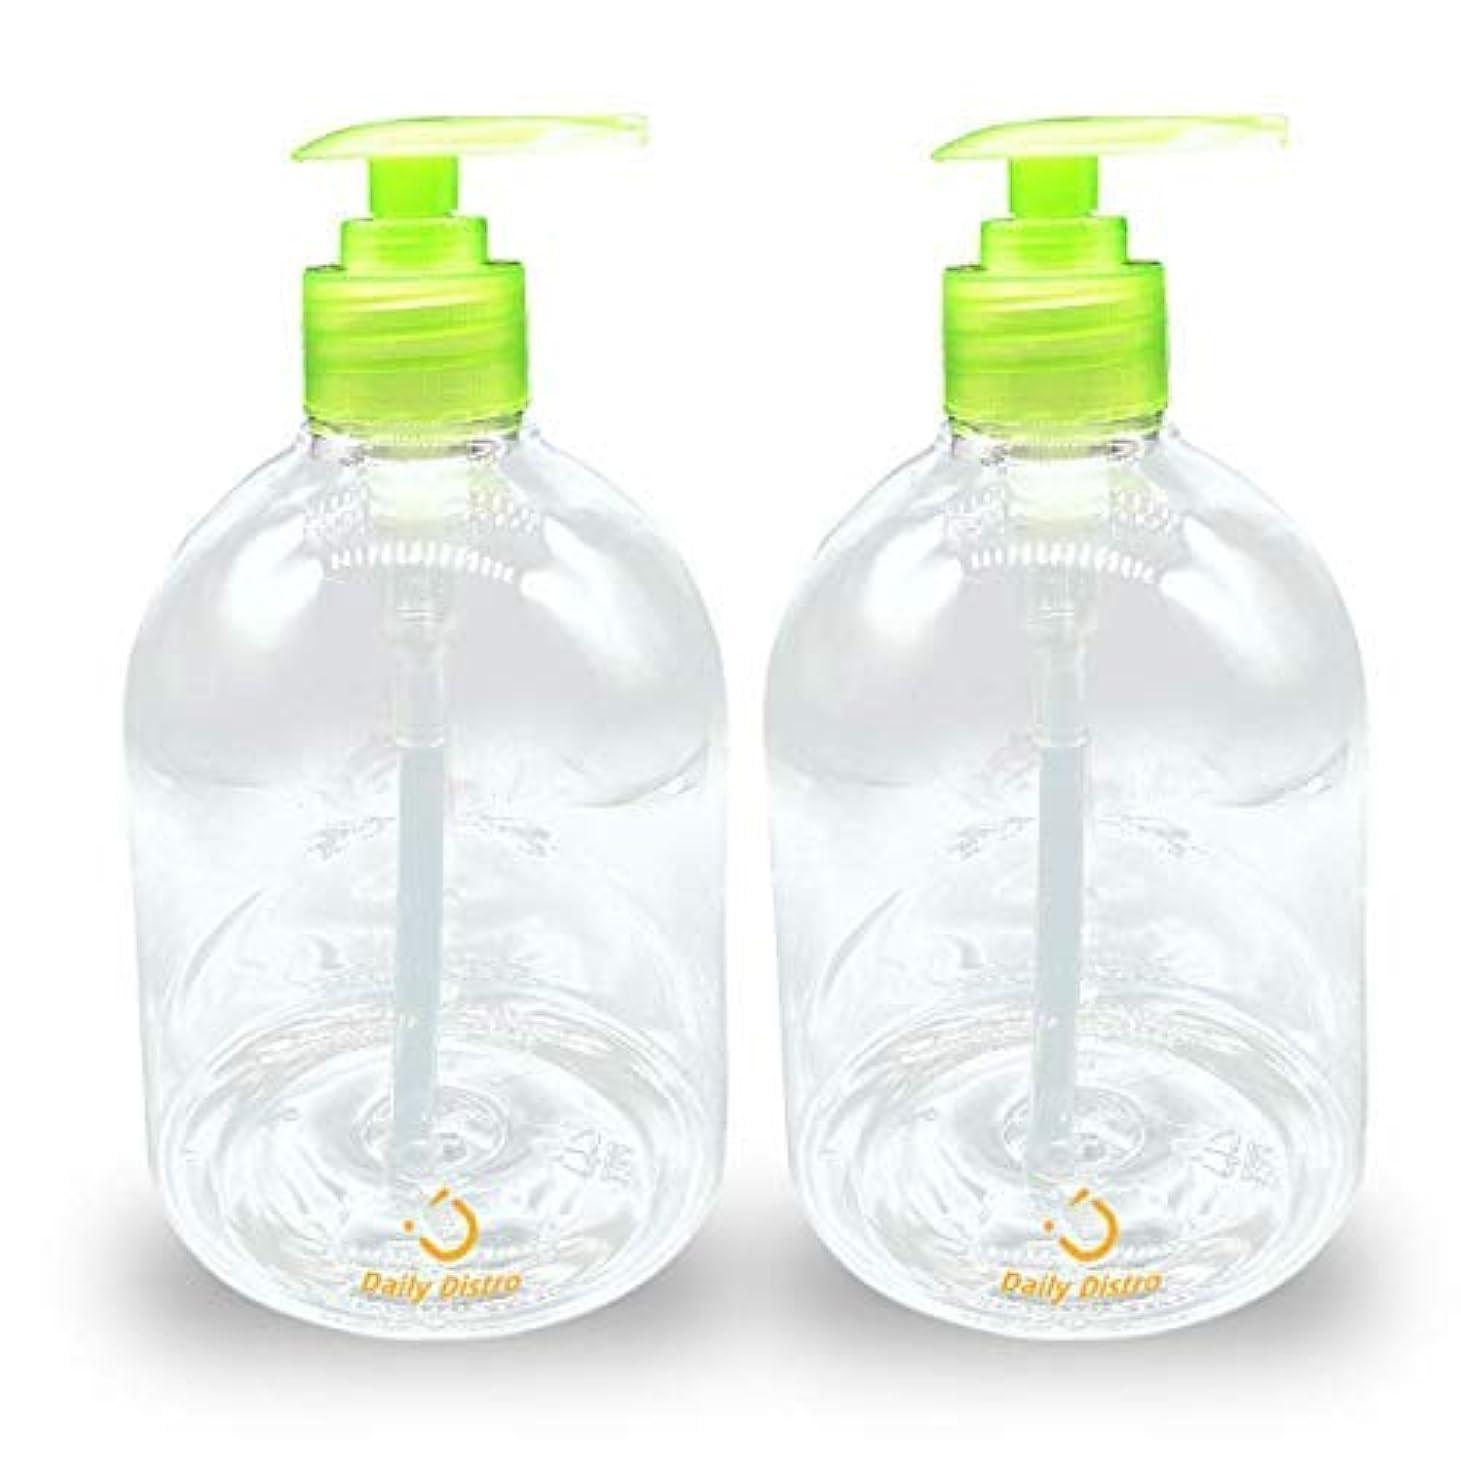 小人病上下するPack of 2 Clear PET Empty Bottle with Green Pump 16-Ounce, great for Essential Oils, Lotions, Liquid Soaps [並行輸入品]